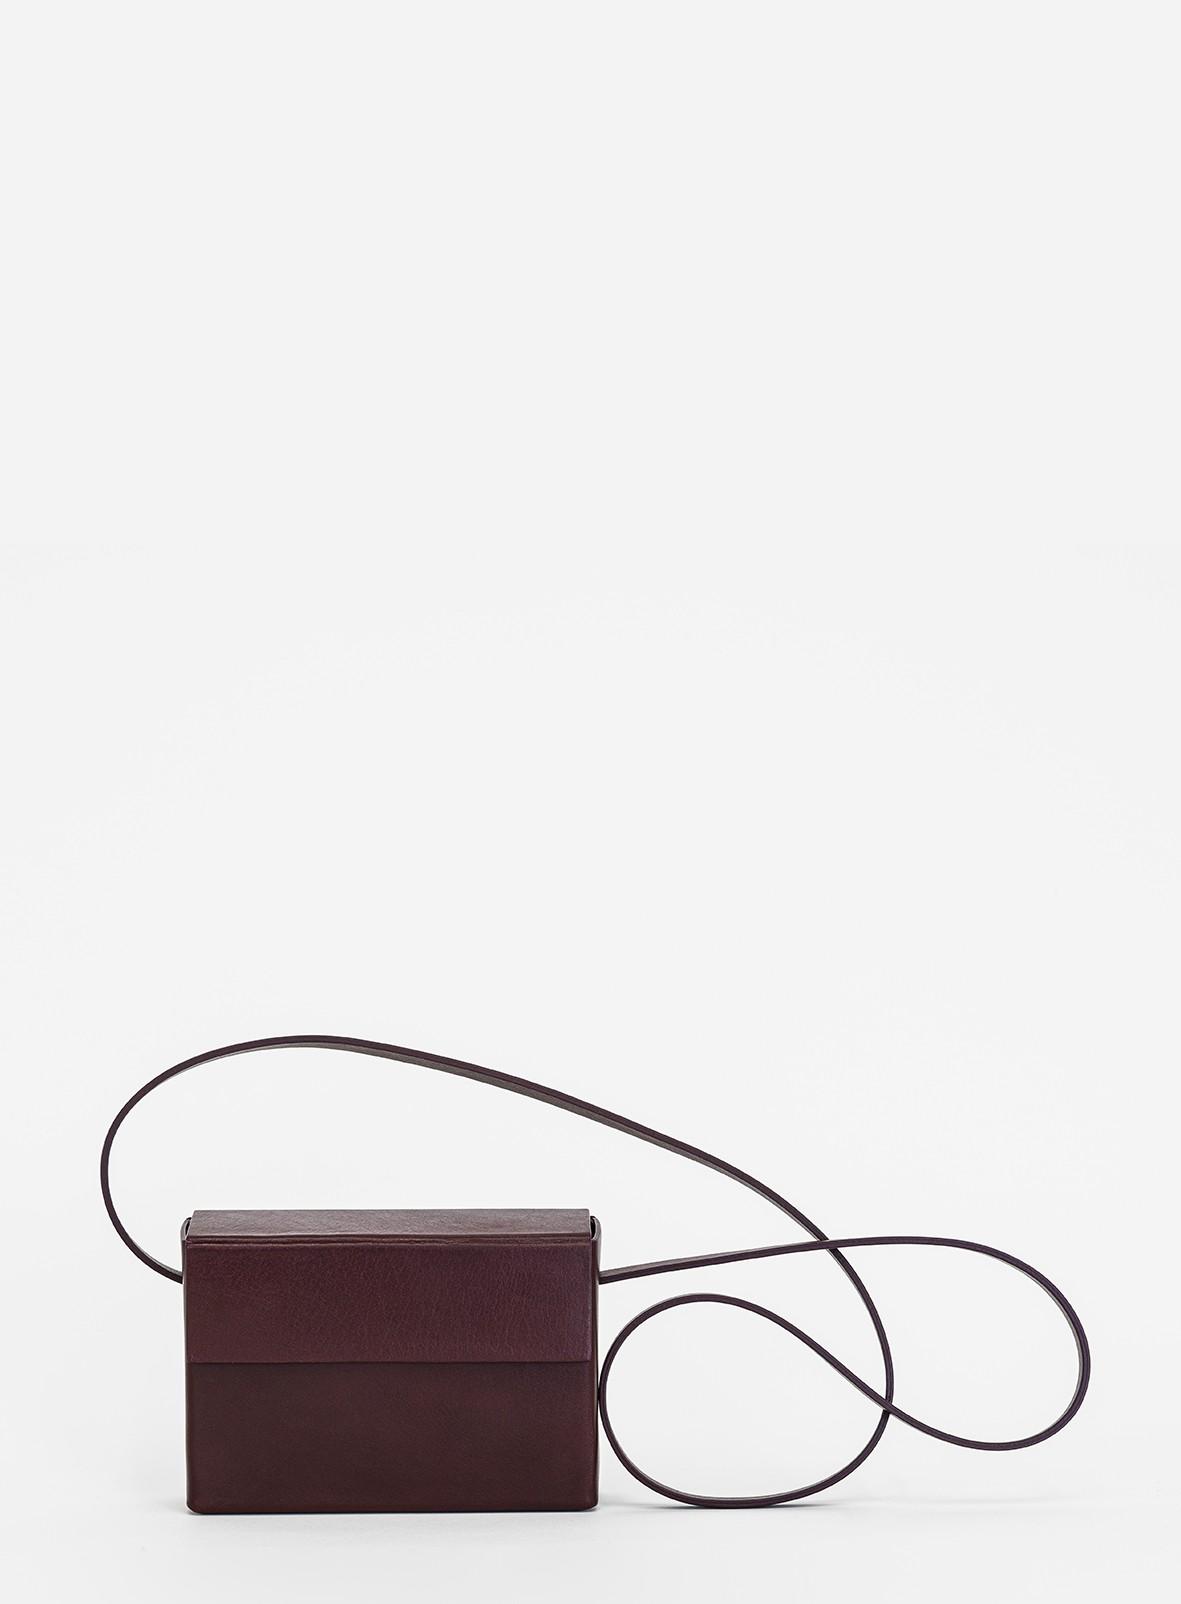 BOX BAG |AUGUSTINE S